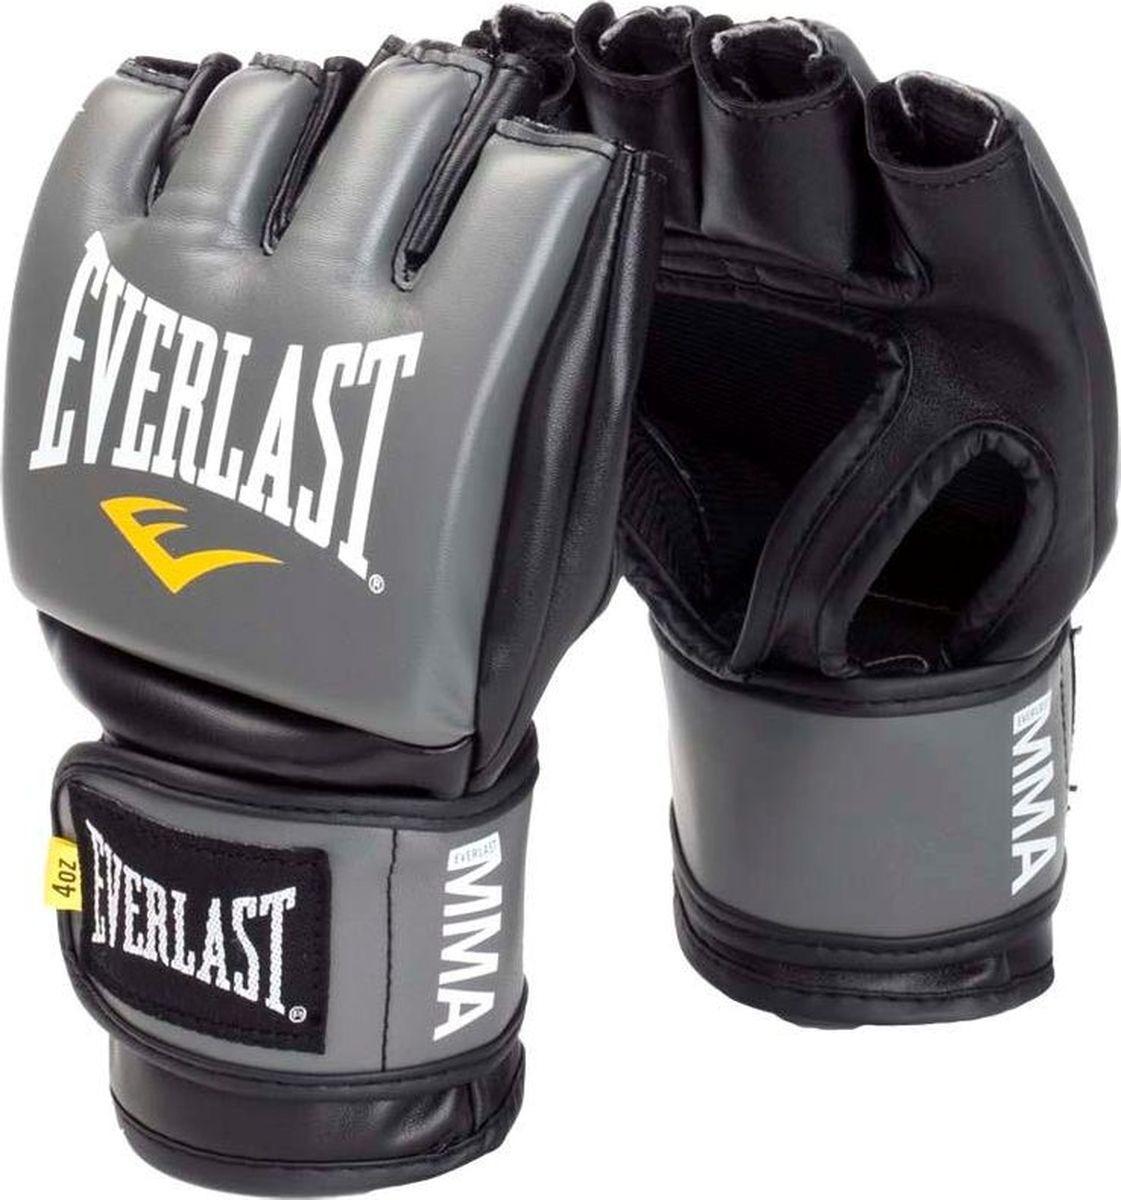 Перчатки для единоборств Everlast Pro Style Grappling, тренировочные, 7778GSMU, серый, размер S/M цена и фото